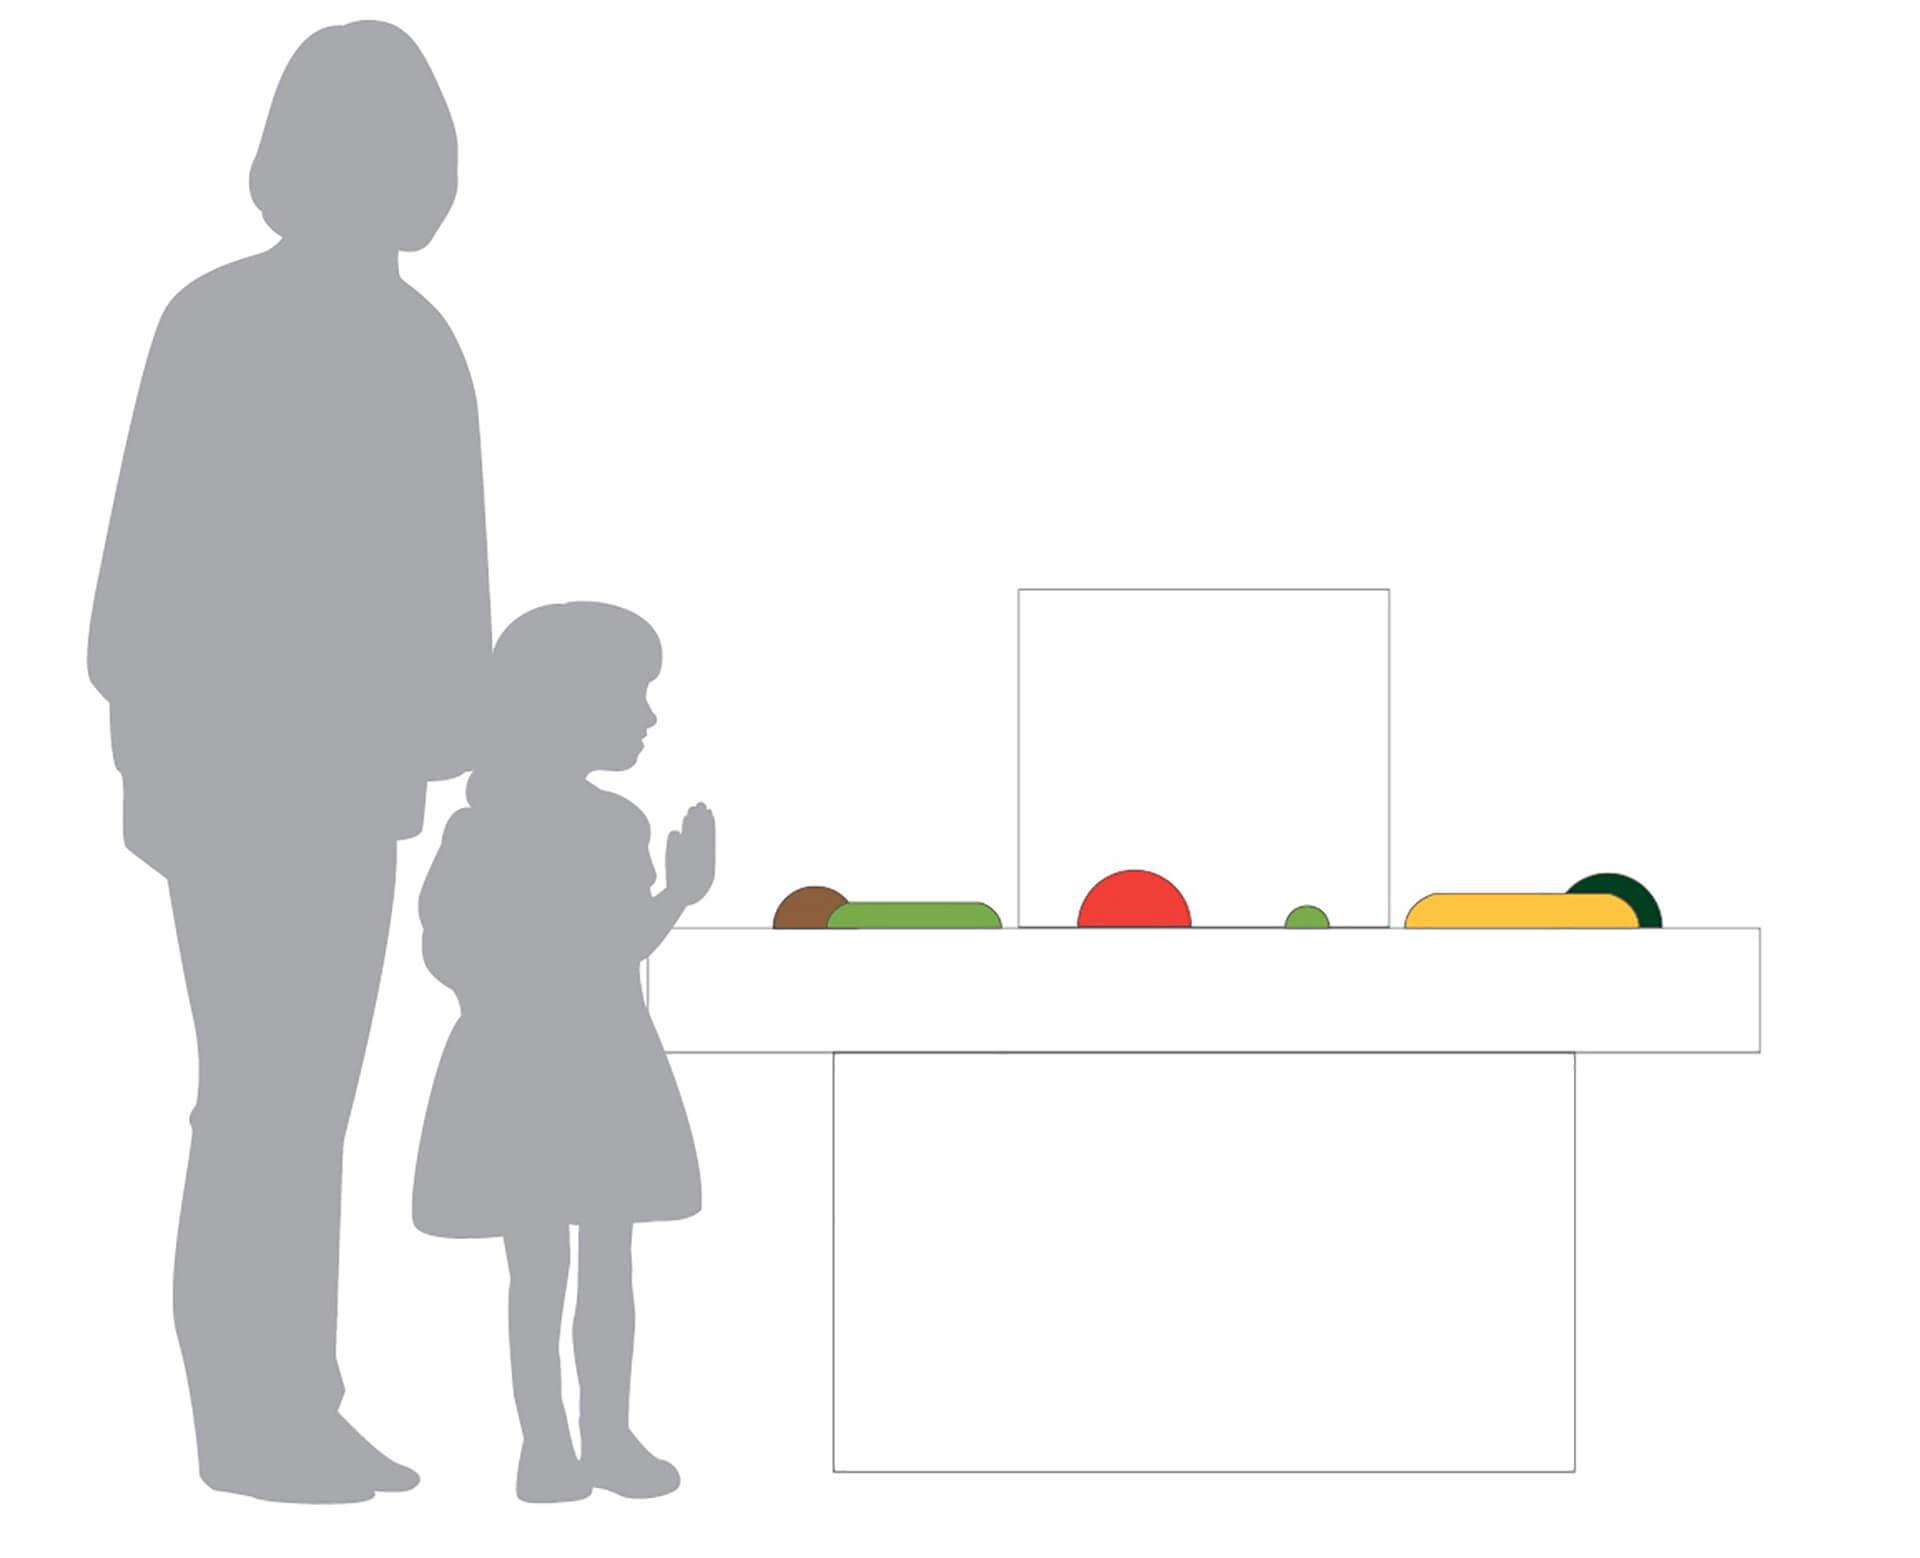 「野菜とデザイン」展で展示予定の木彫り野菜展示